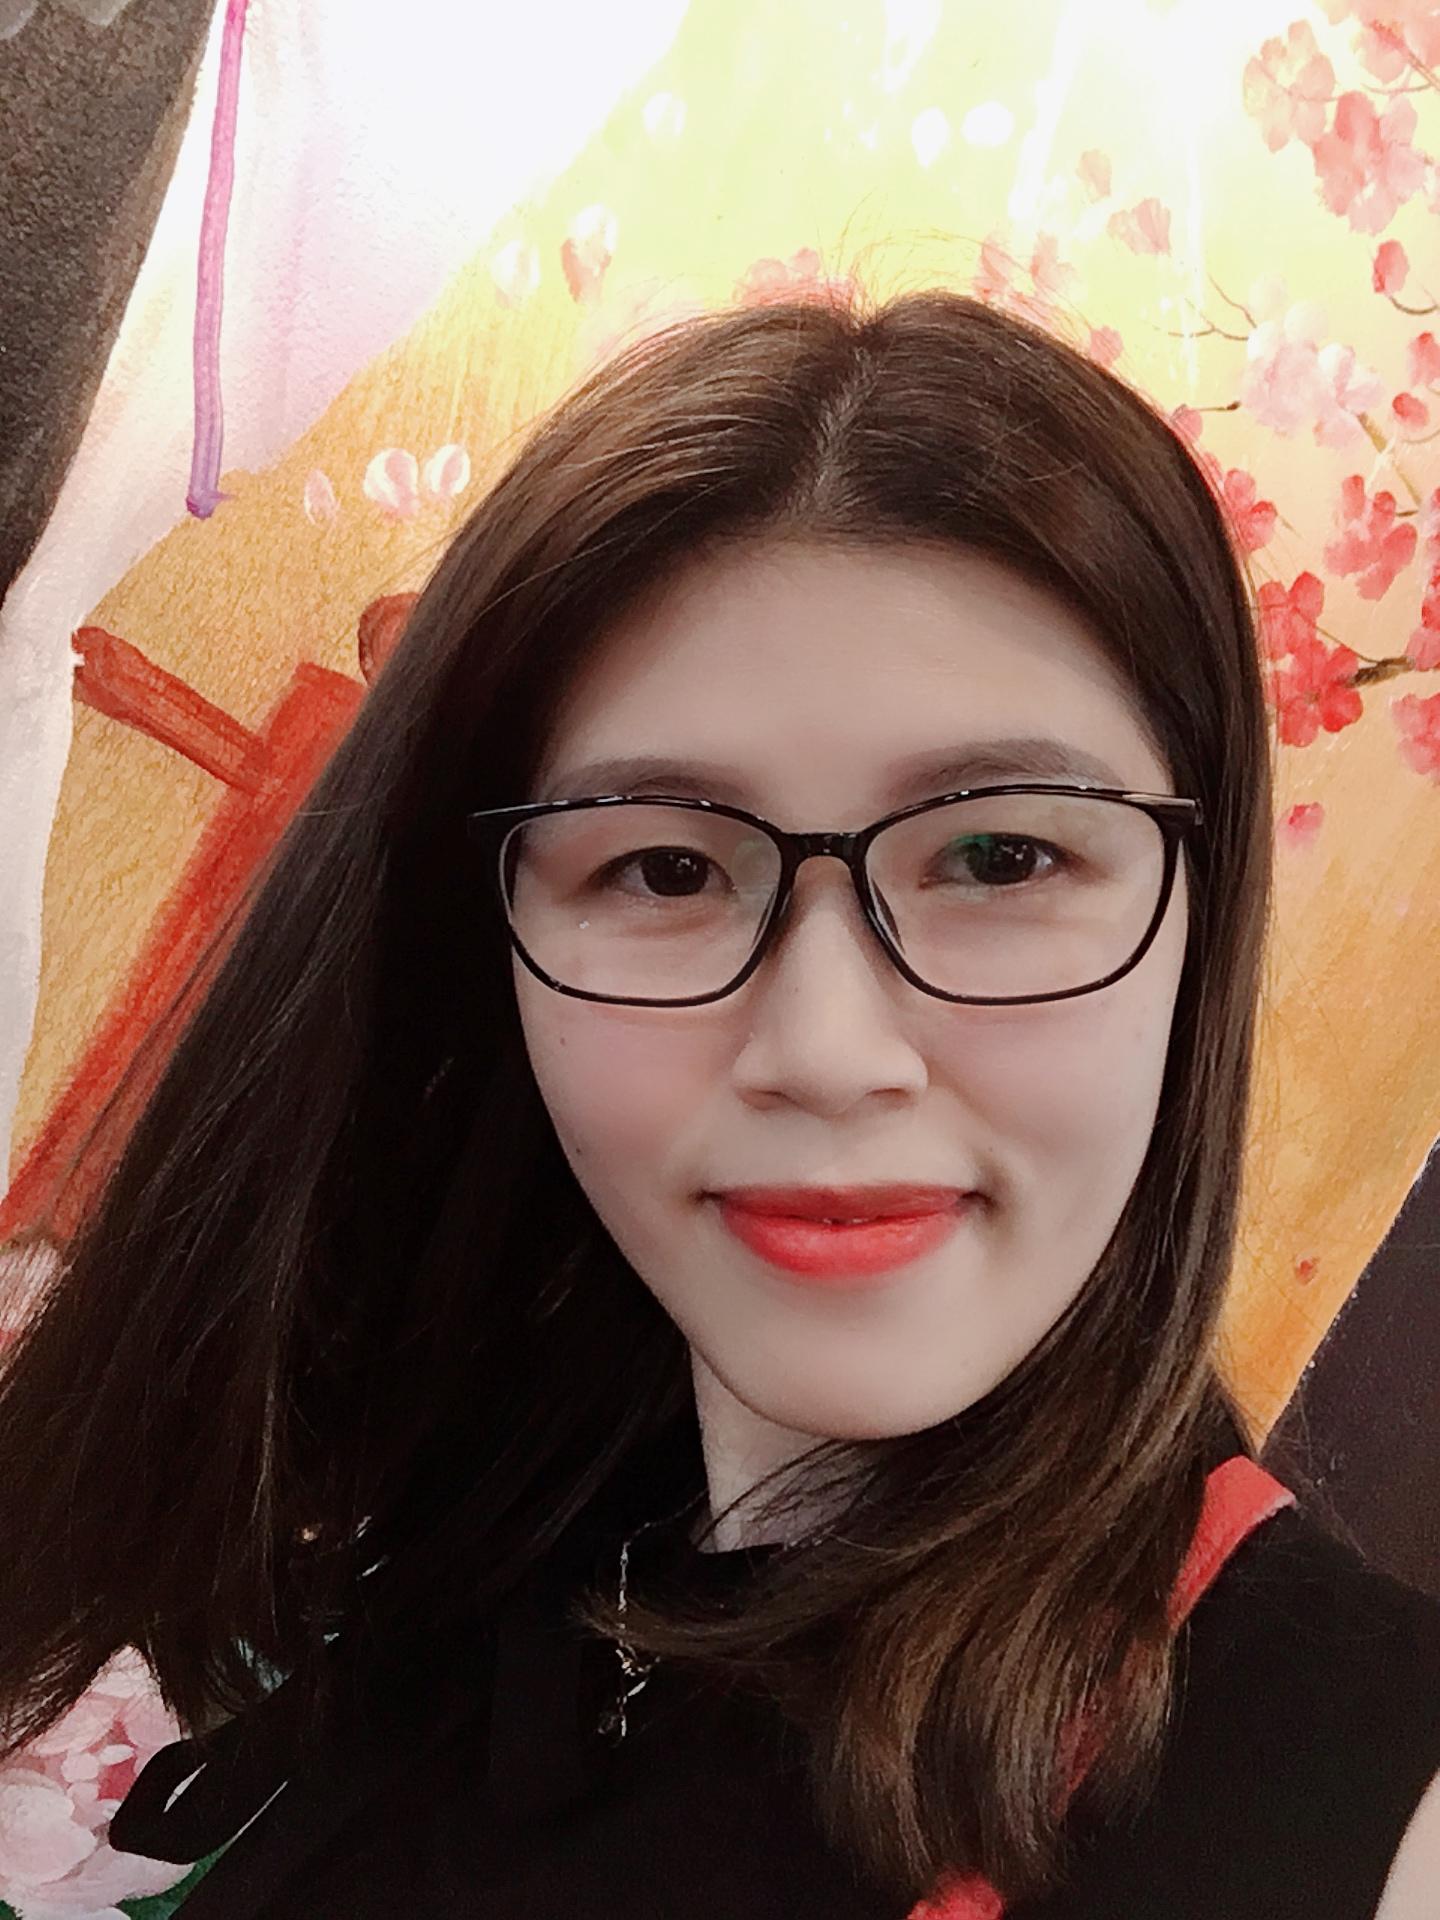 Trương Thị Khánh Linh (1993 - ĐH Sư phạm 2 - GV)